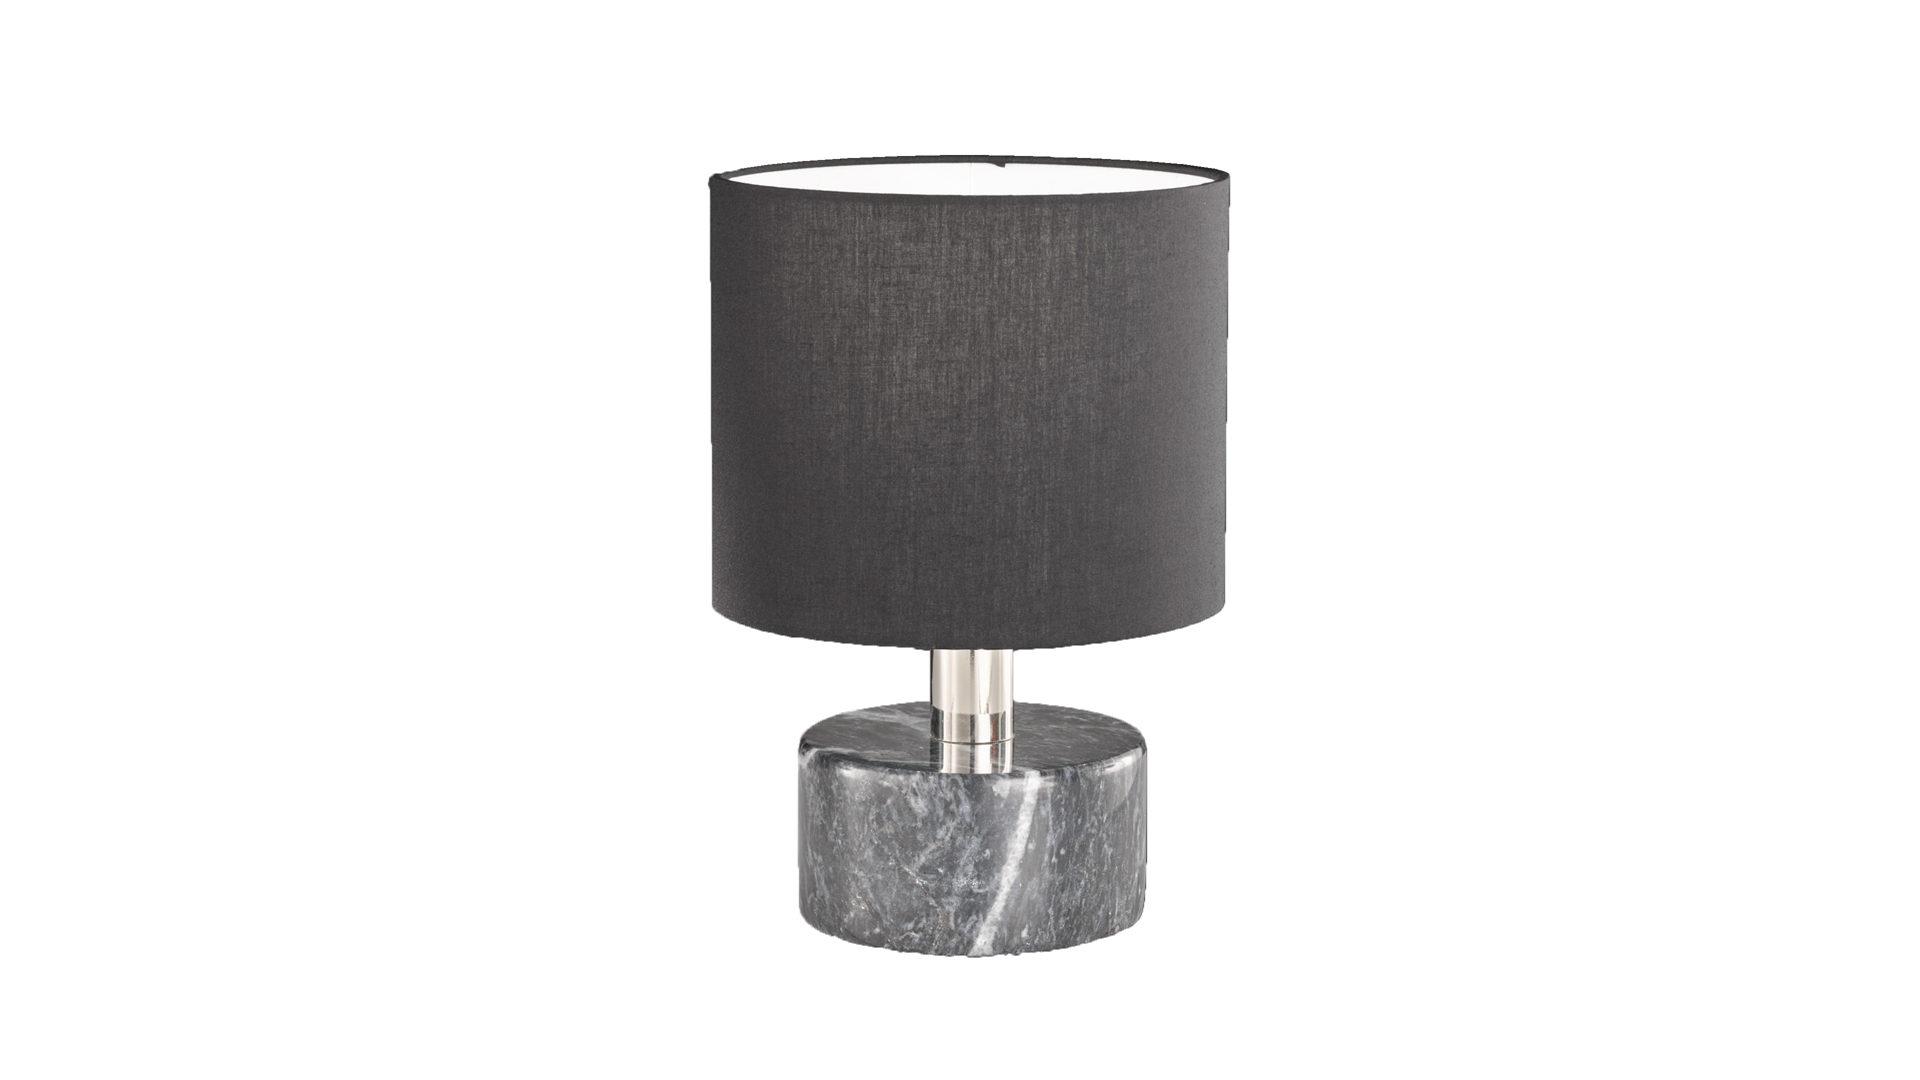 Möbel bohn crailsheim räume schlafzimmer lampen leuchten